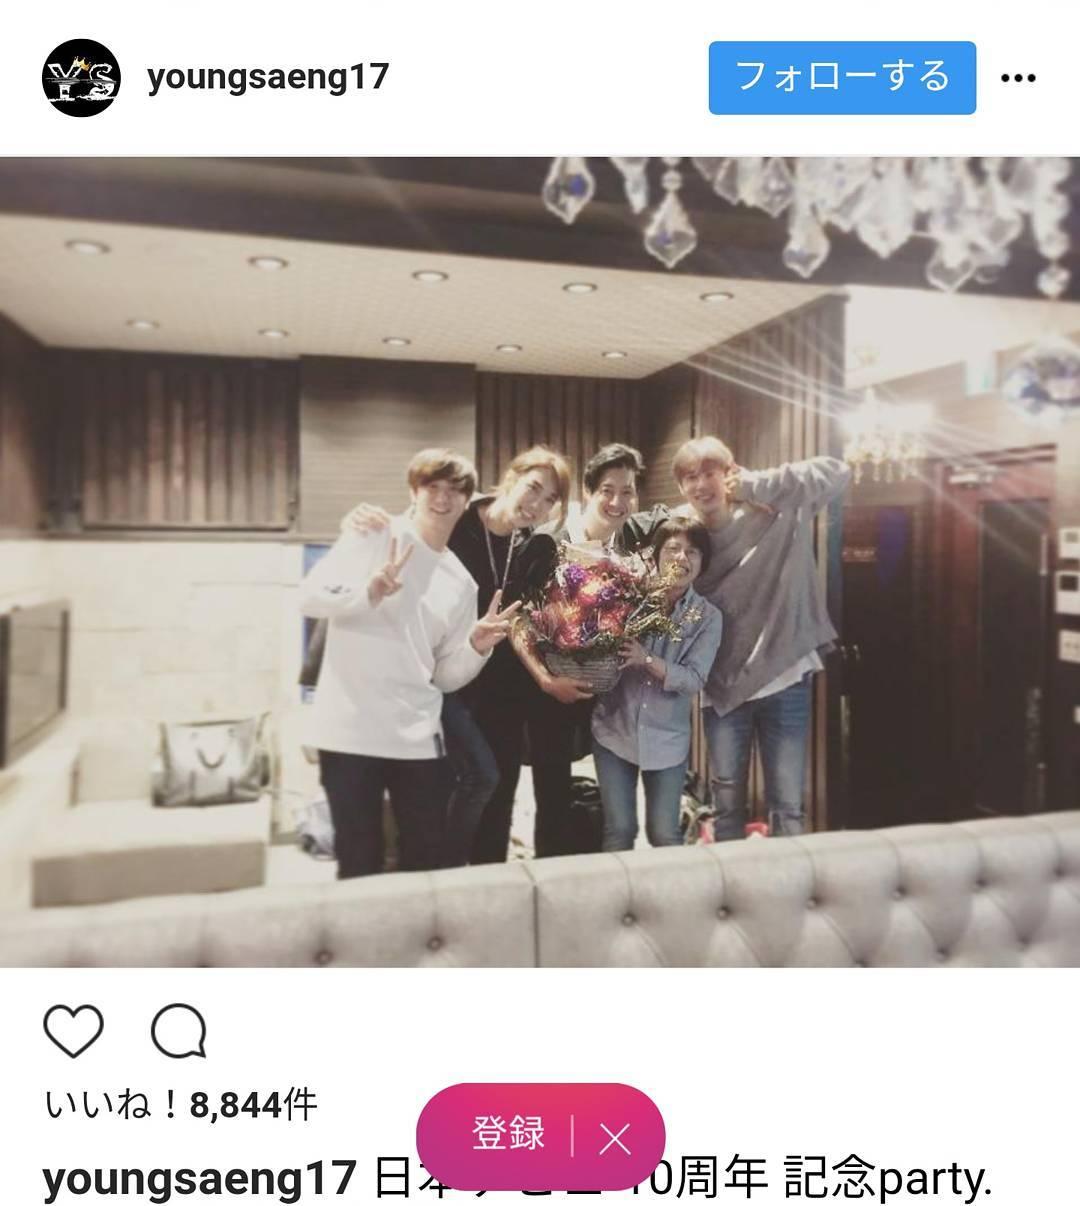 [Instagram] kohhwaeun Instagram Update [2017.09.09]